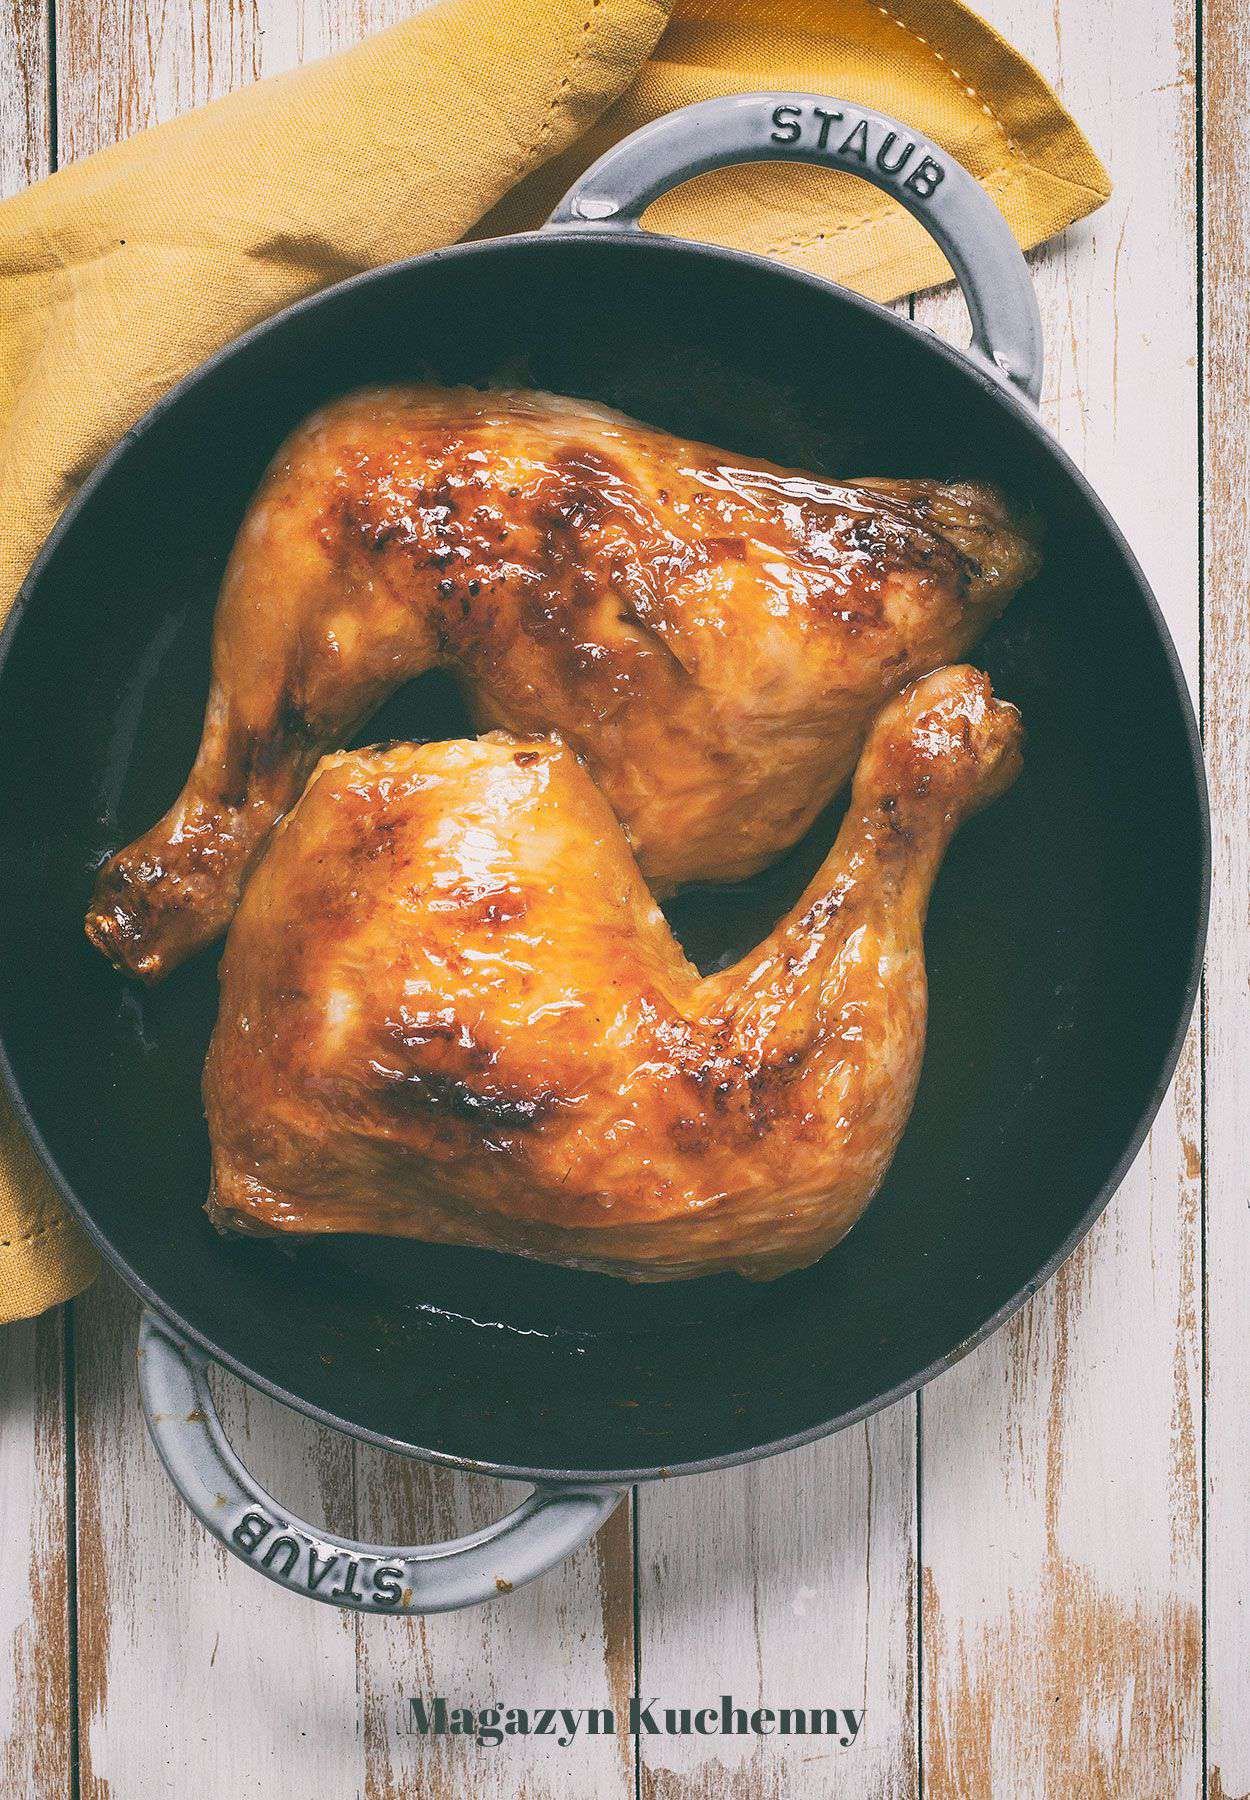 Kurczak w glazurze pomarańczowej